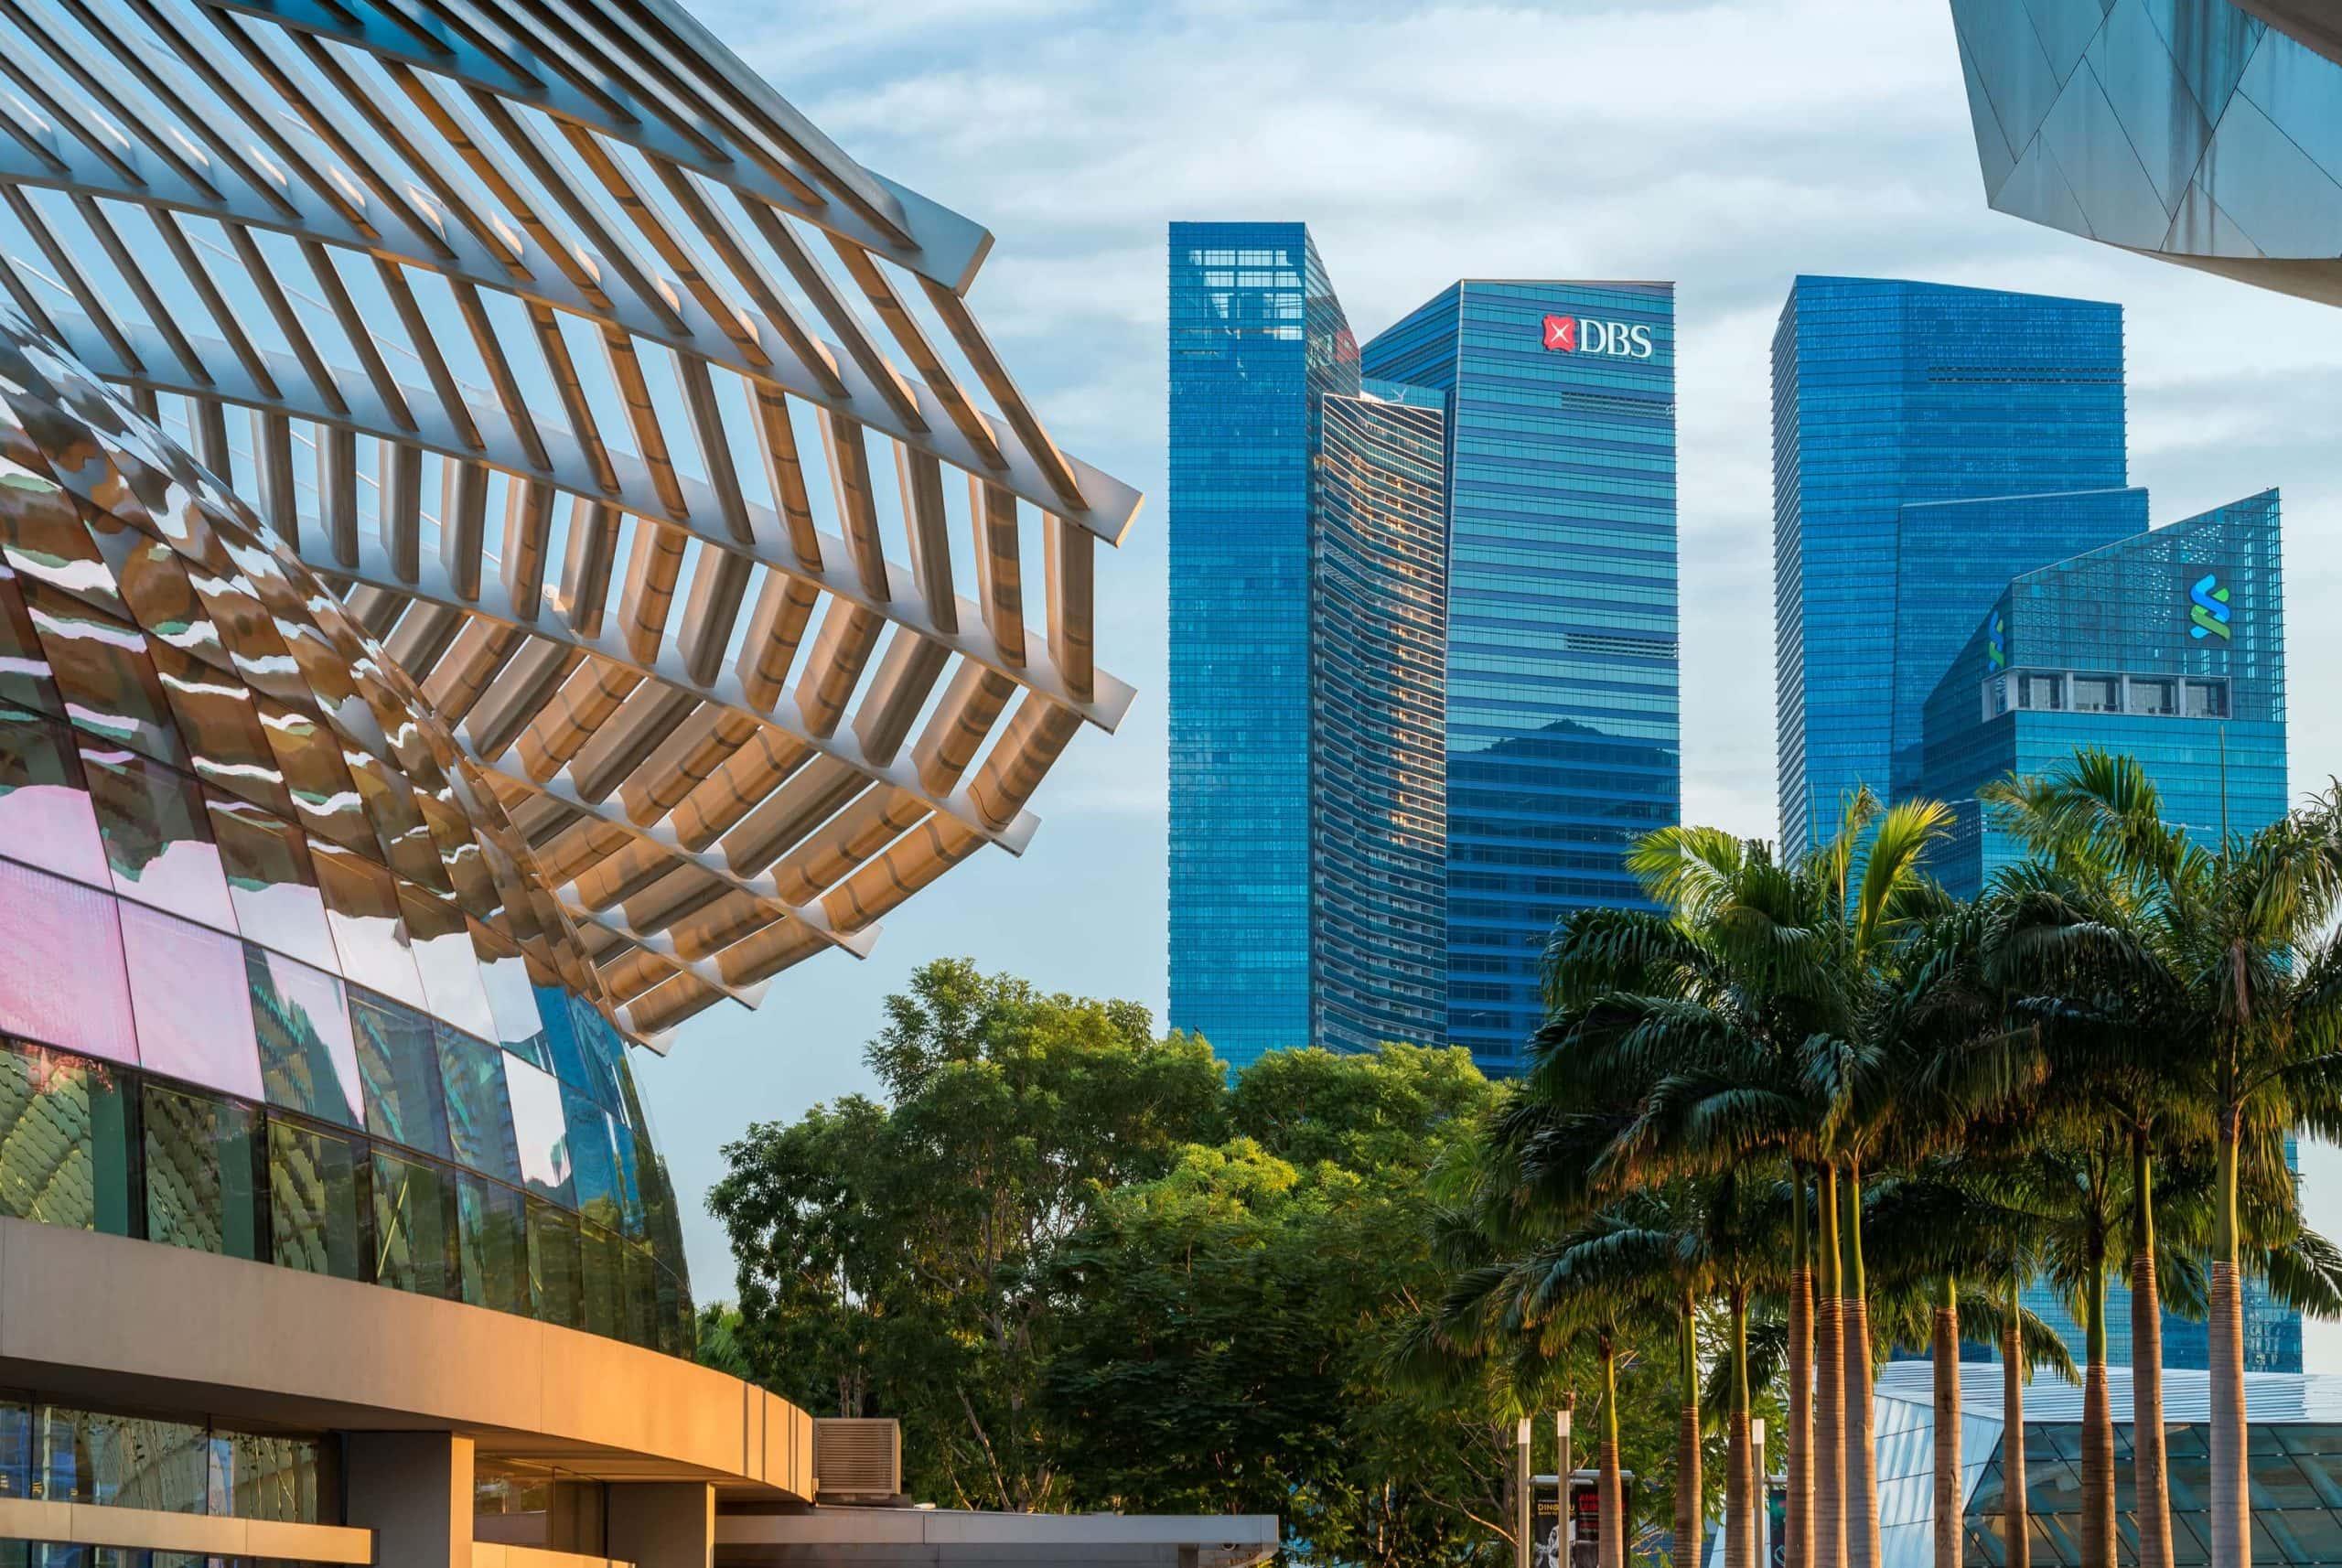 Man sieht eine Palmenallee. Am Horizont sind mehrere Wolkenkratzer, auf einem ist das DBS-Logo zu sehen.